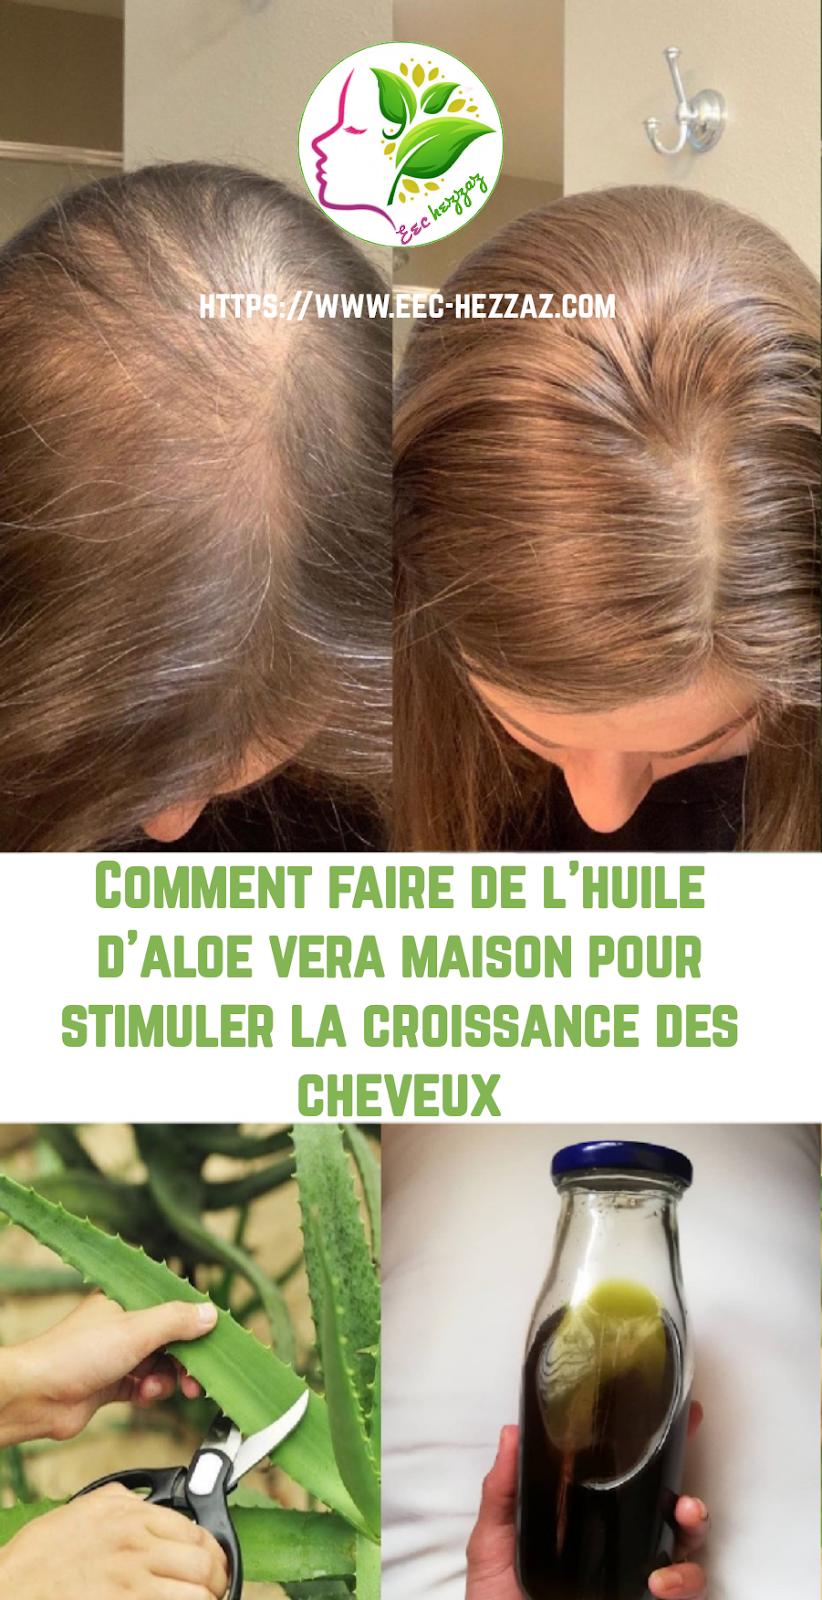 Comment faire de l'huile d'aloe vera maison pour stimuler la croissance des cheveux